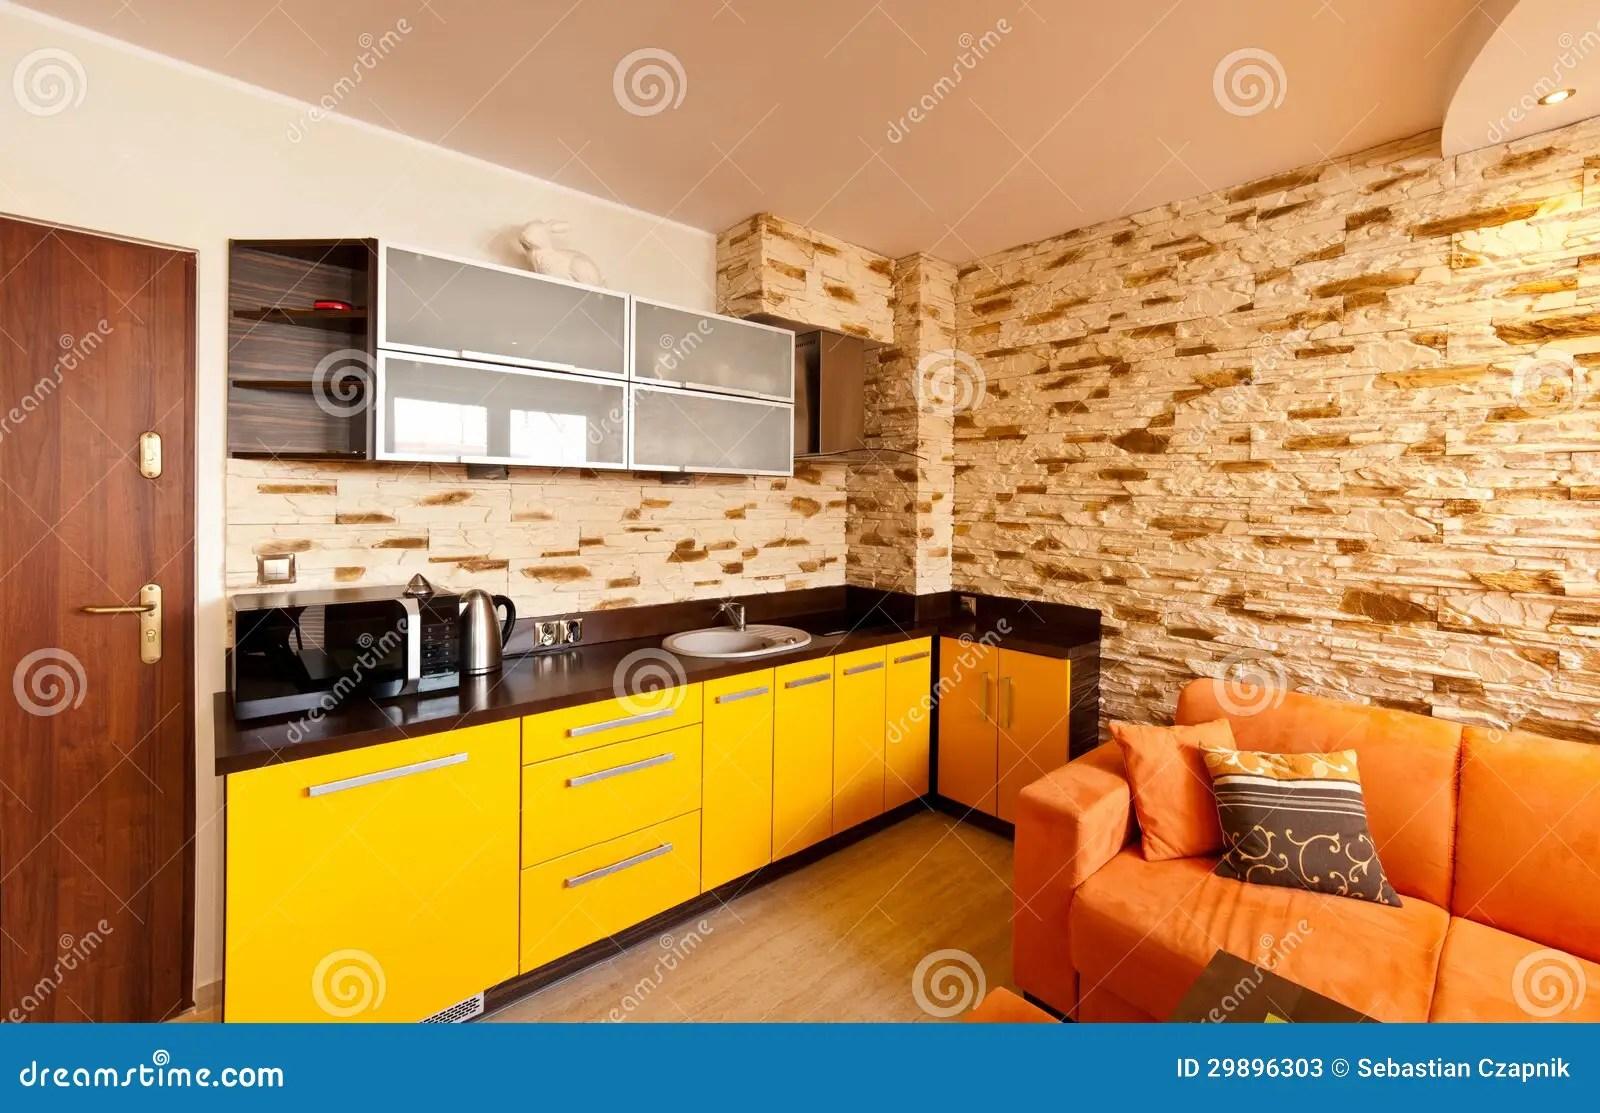 Kuche Orange Wand Fliesen Fur Badezimmer Kuchen Wand Keramik Antic